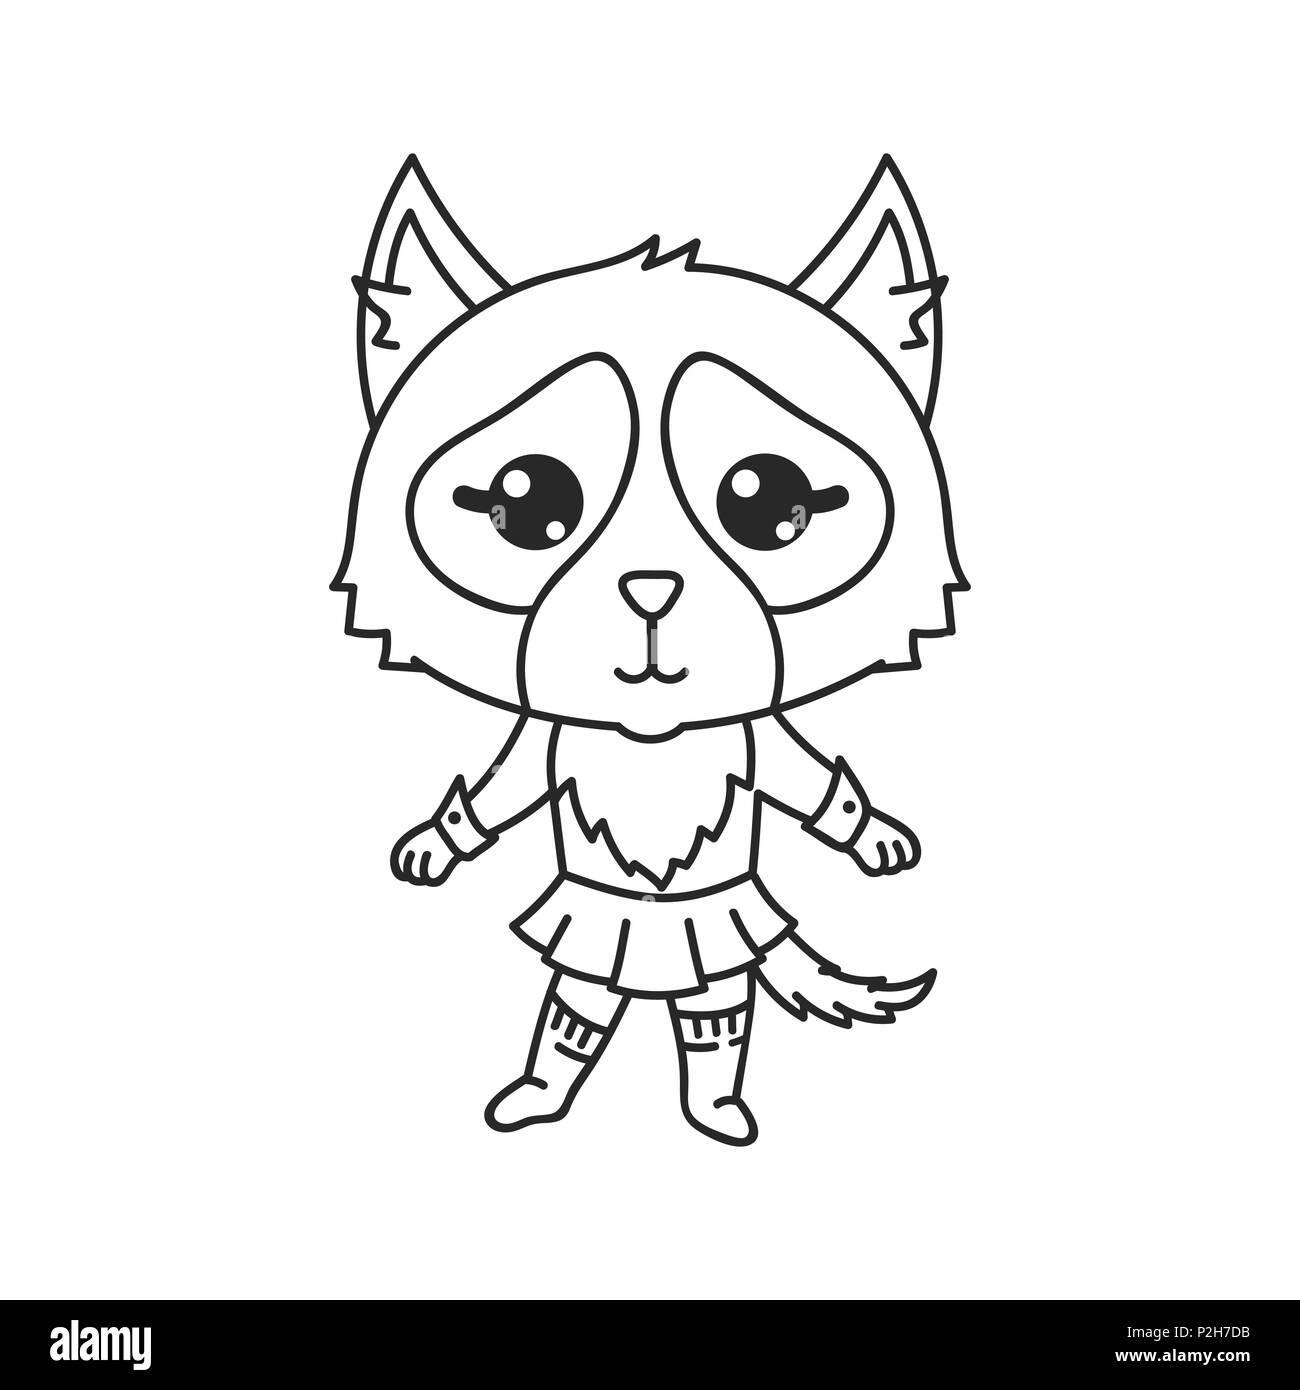 Ilustracion Vectorial De Cat En Estilo Japones Y Coreano Kawaii